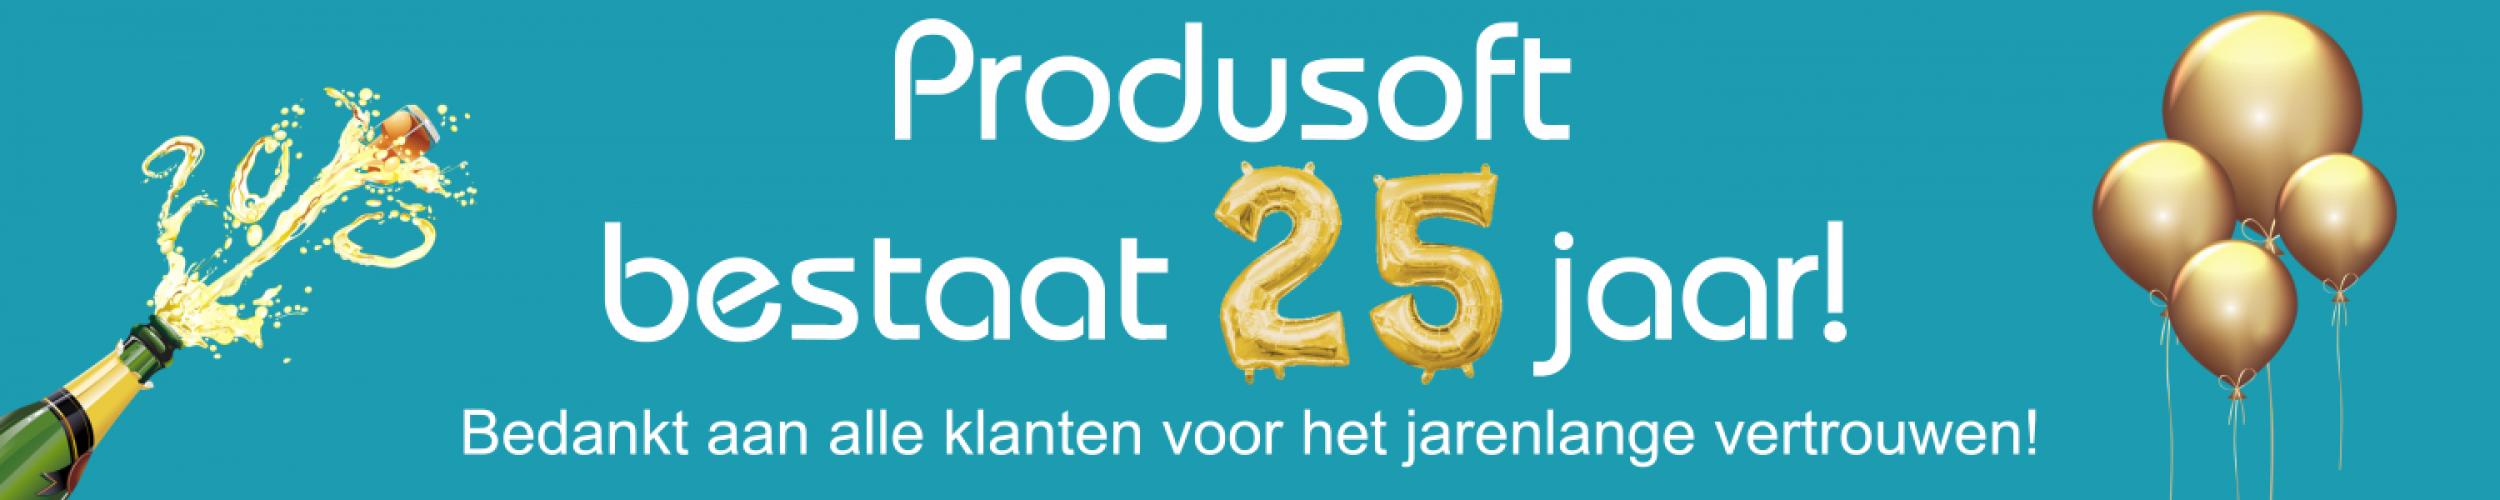 Produsoft bestaat 25 jaar!